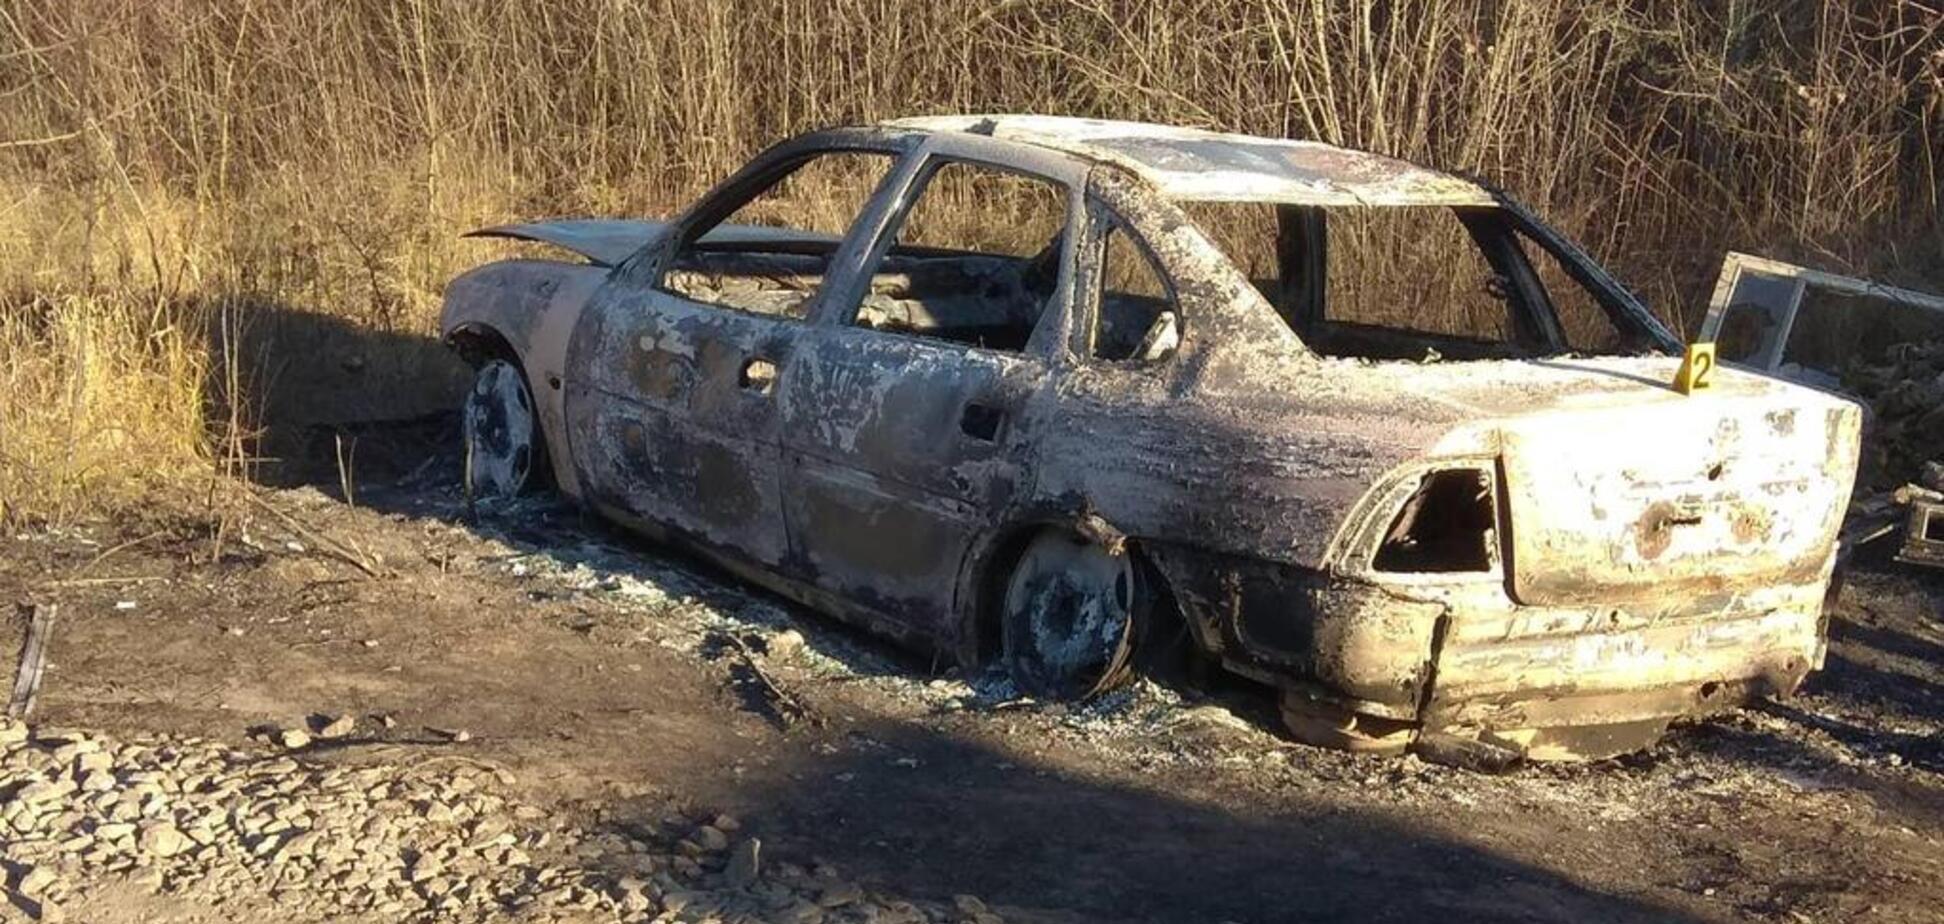 Авто сожгли дотла: раскрыты новые детали взрыва в Харькове